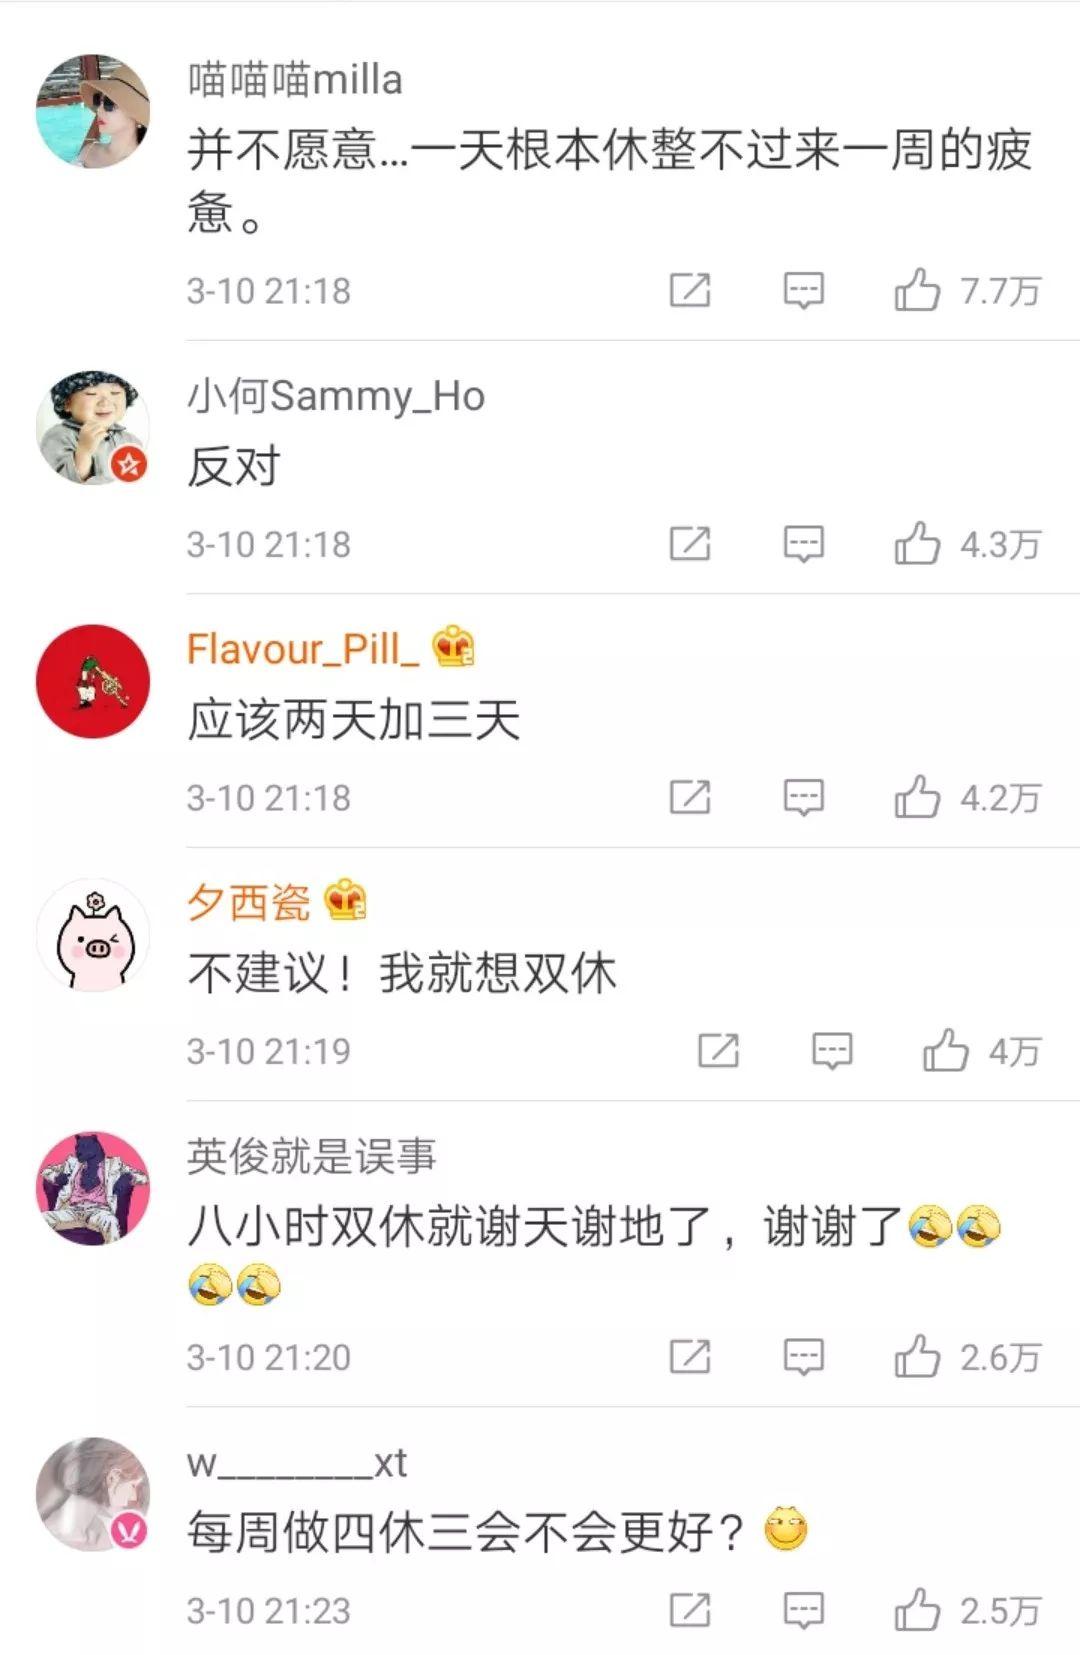 """""""七夕""""改成""""法定节假日""""?双休改成""""隔周三休""""?插图"""